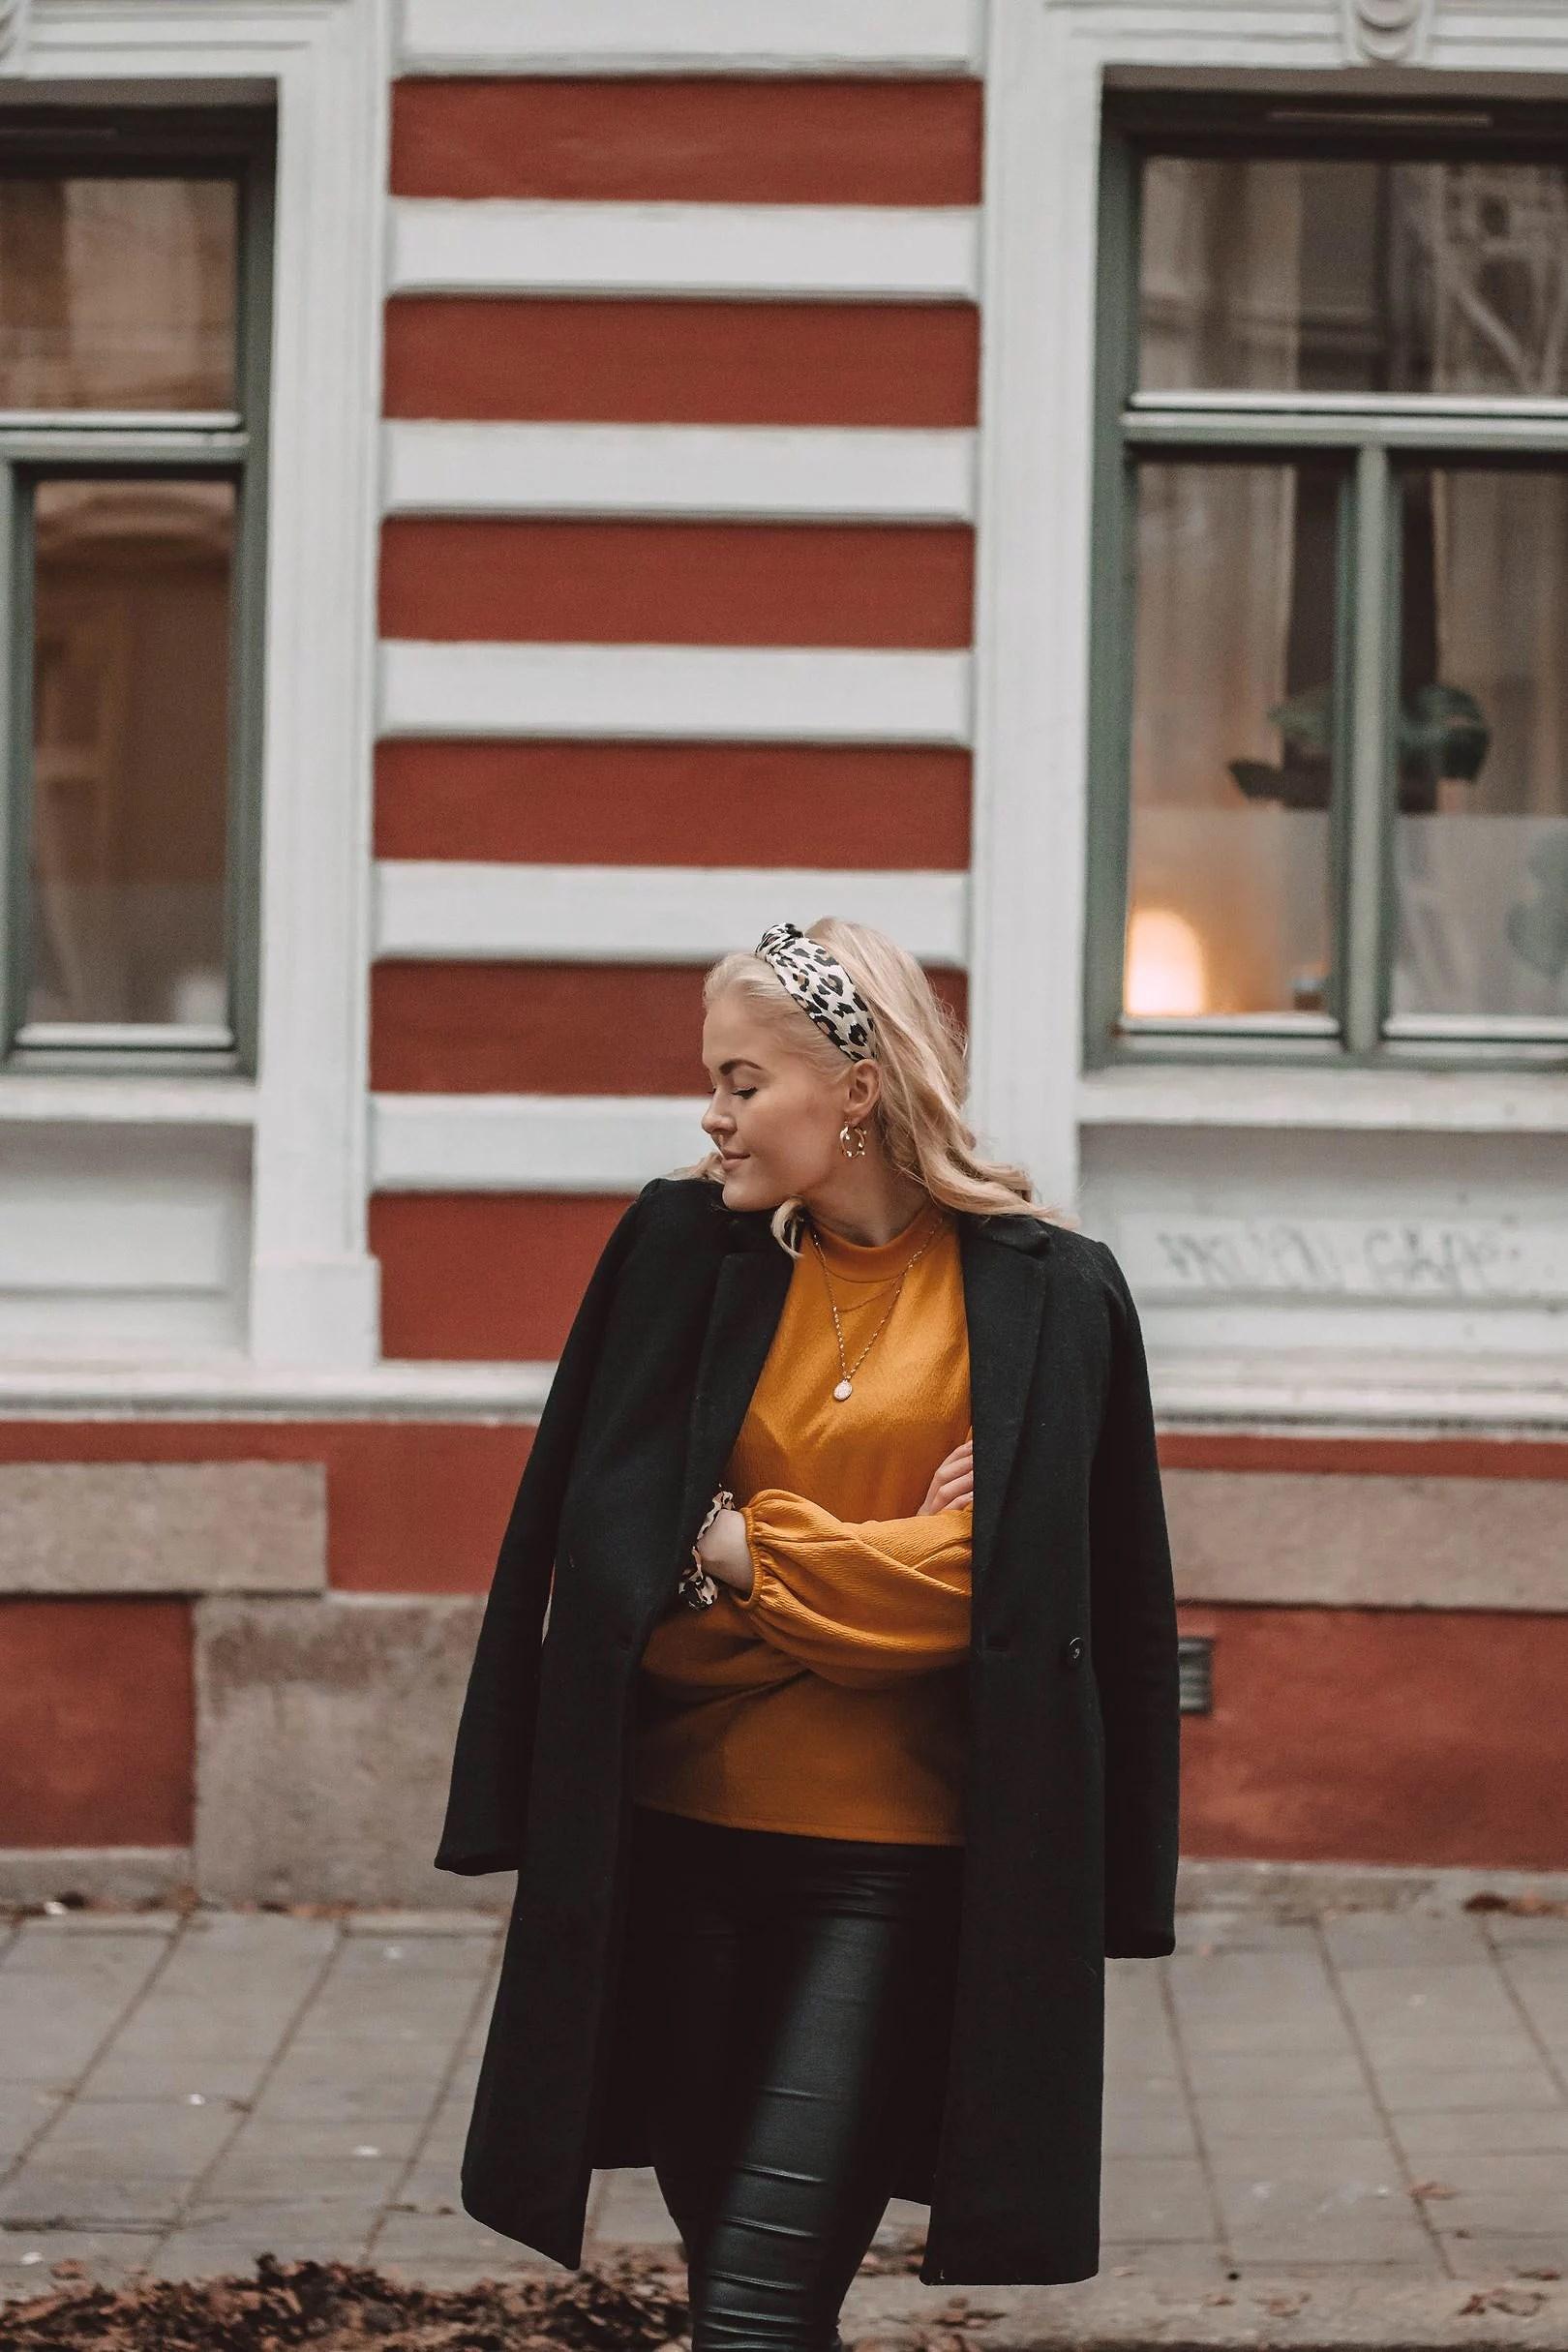 9 X PISTÄÄ HYMYILYTTÄMÄÄN